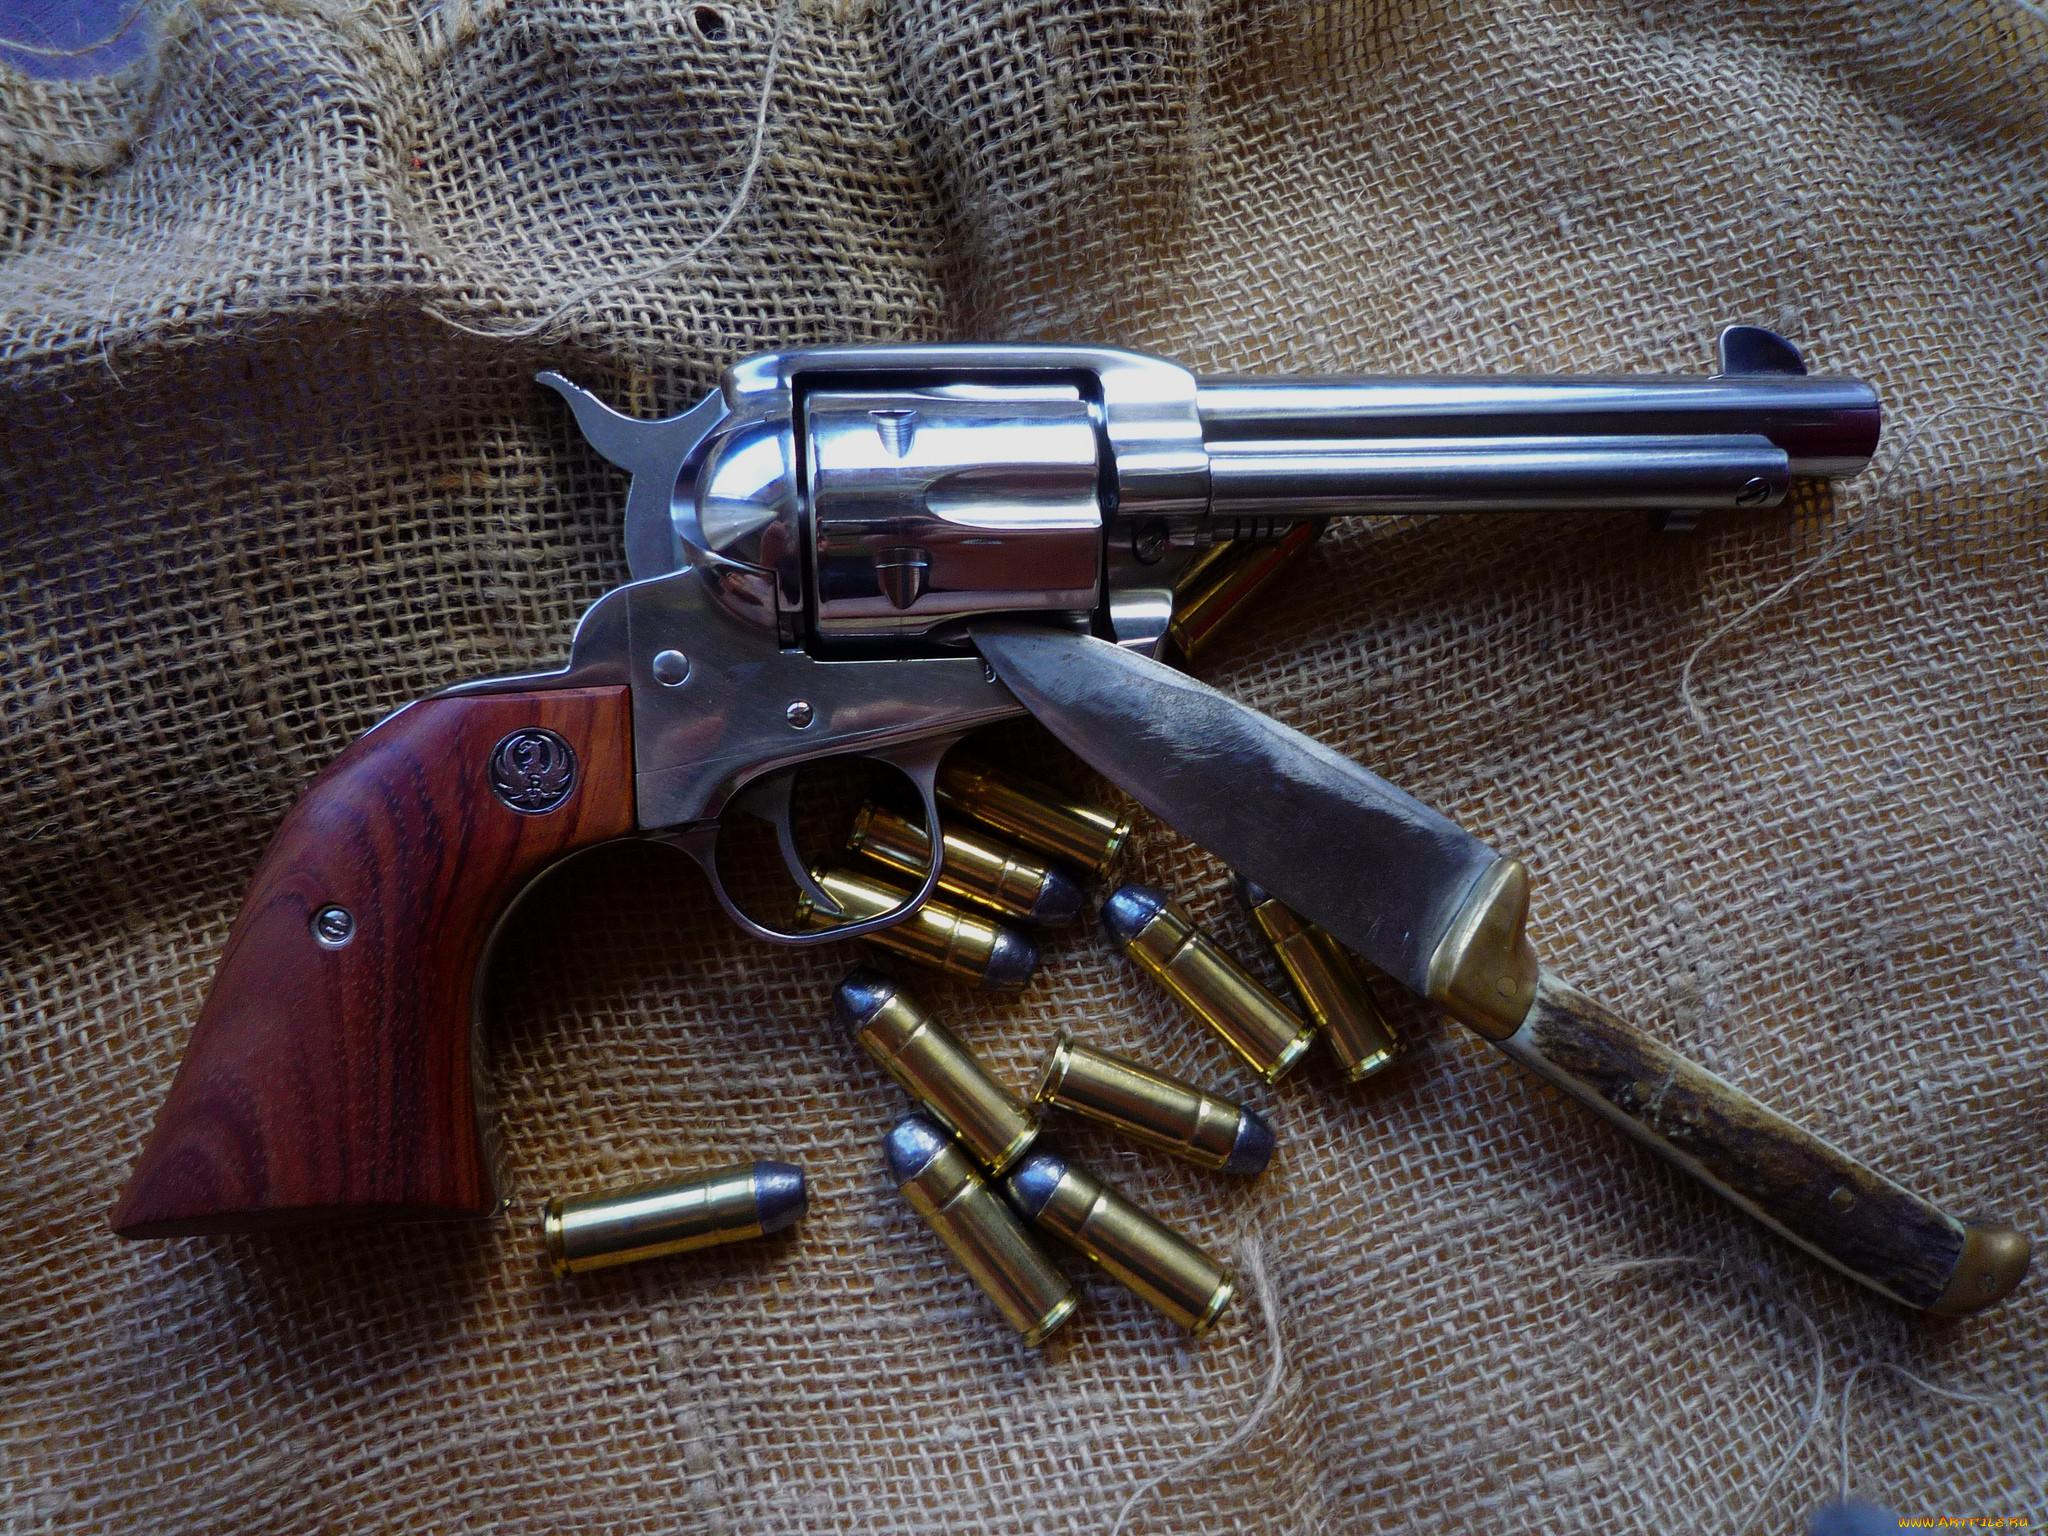 ruger vaquero , 45lc, оружие, револьверы, патроны, револьвер